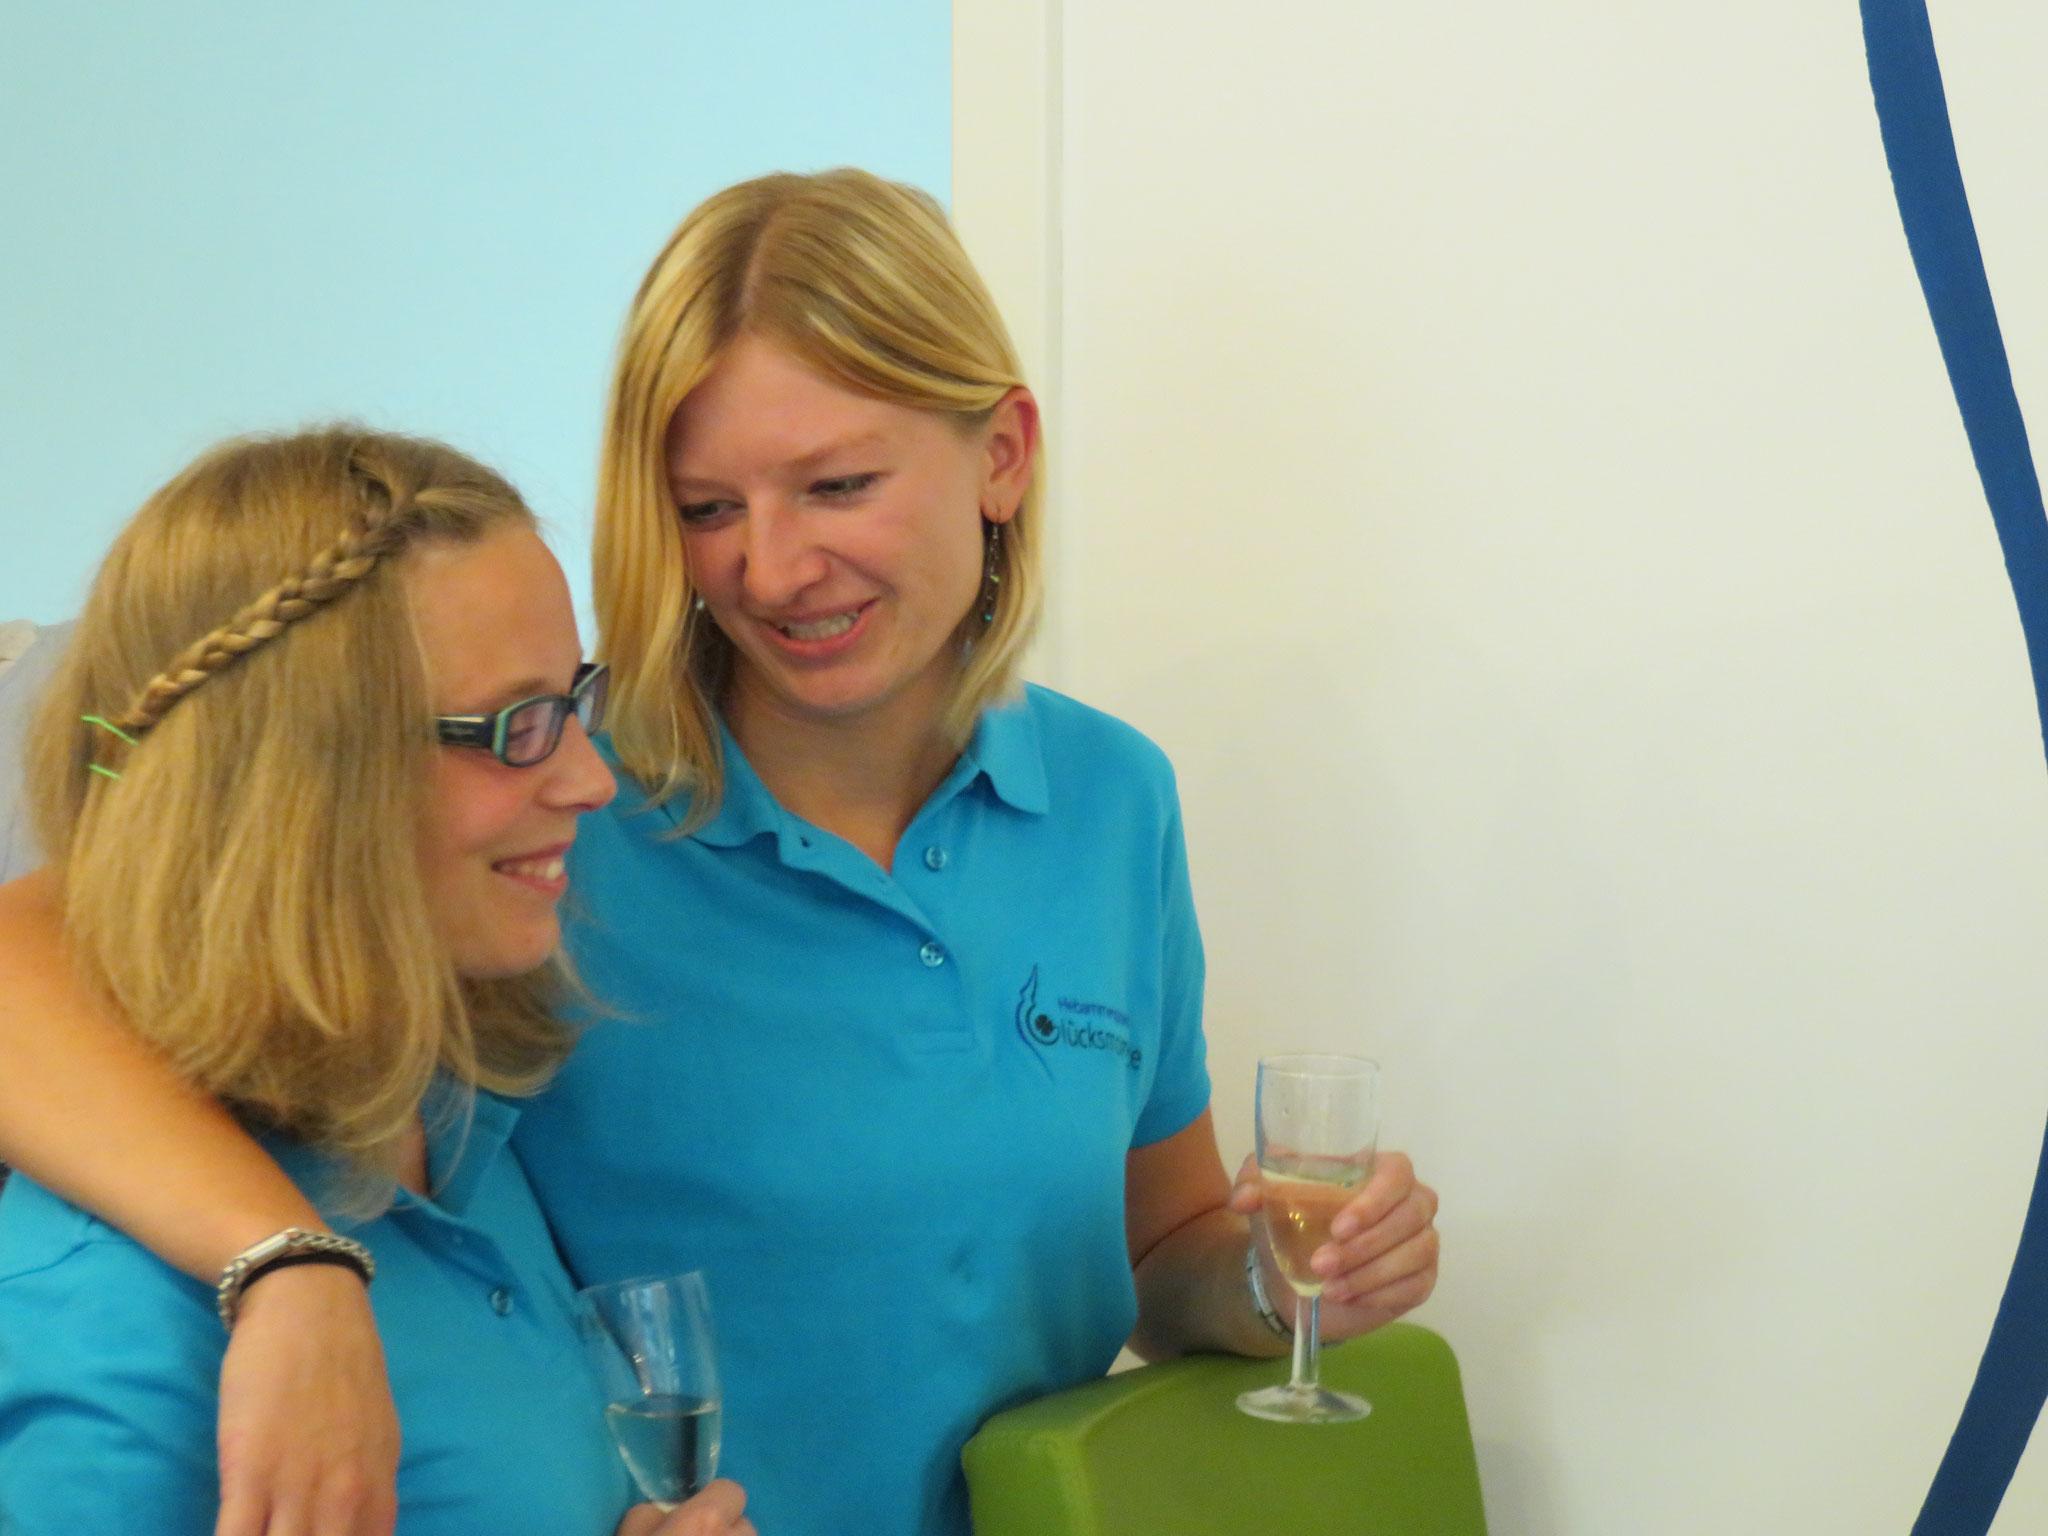 Anna-Lena und Irmi - Teil unseres Hebammenteams